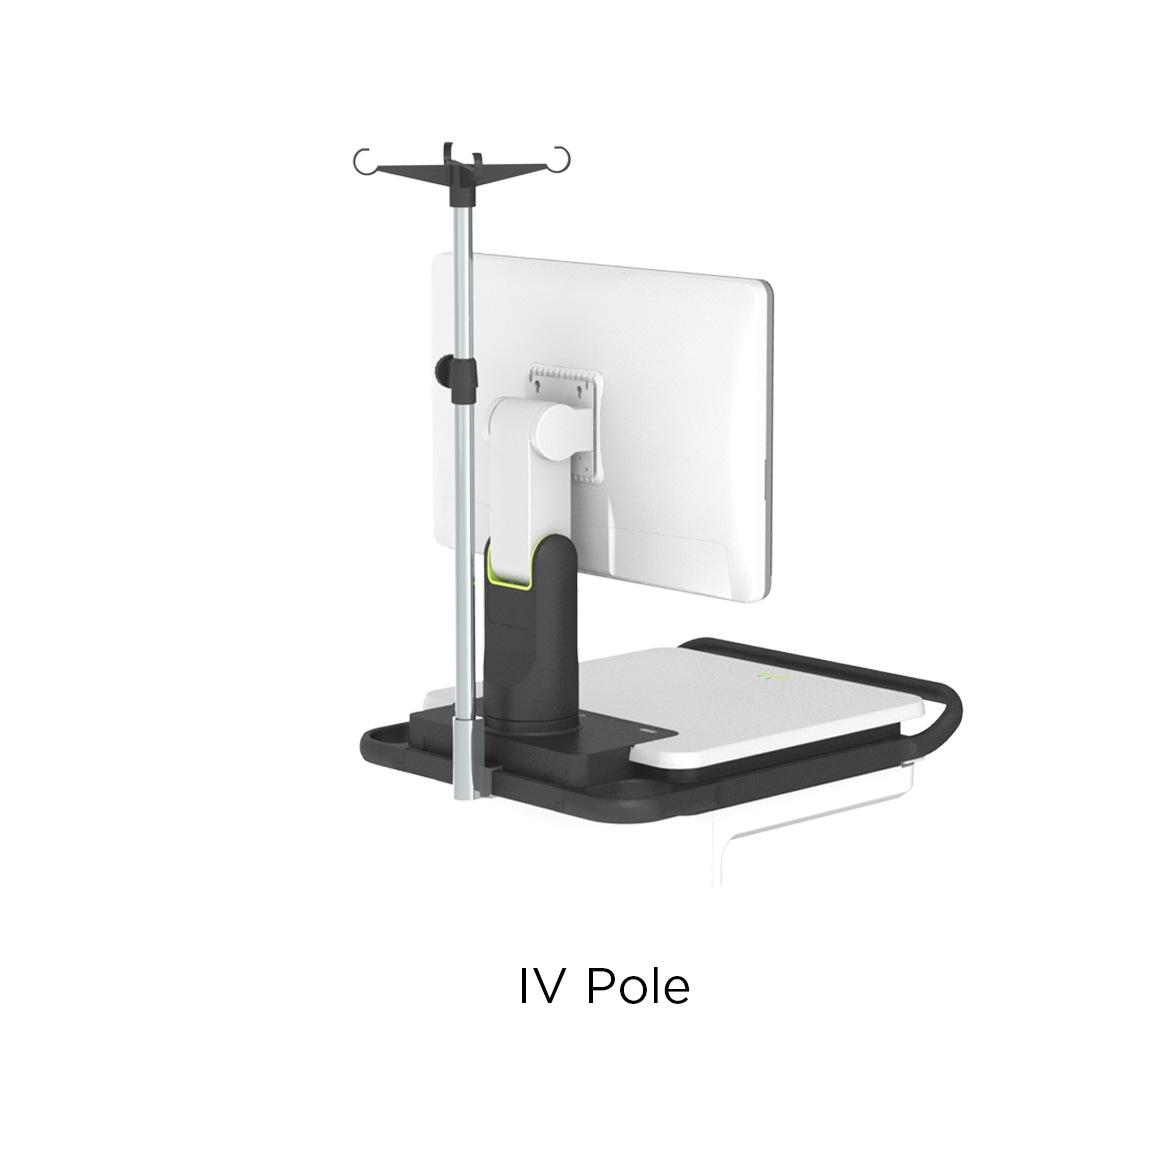 IV Pole